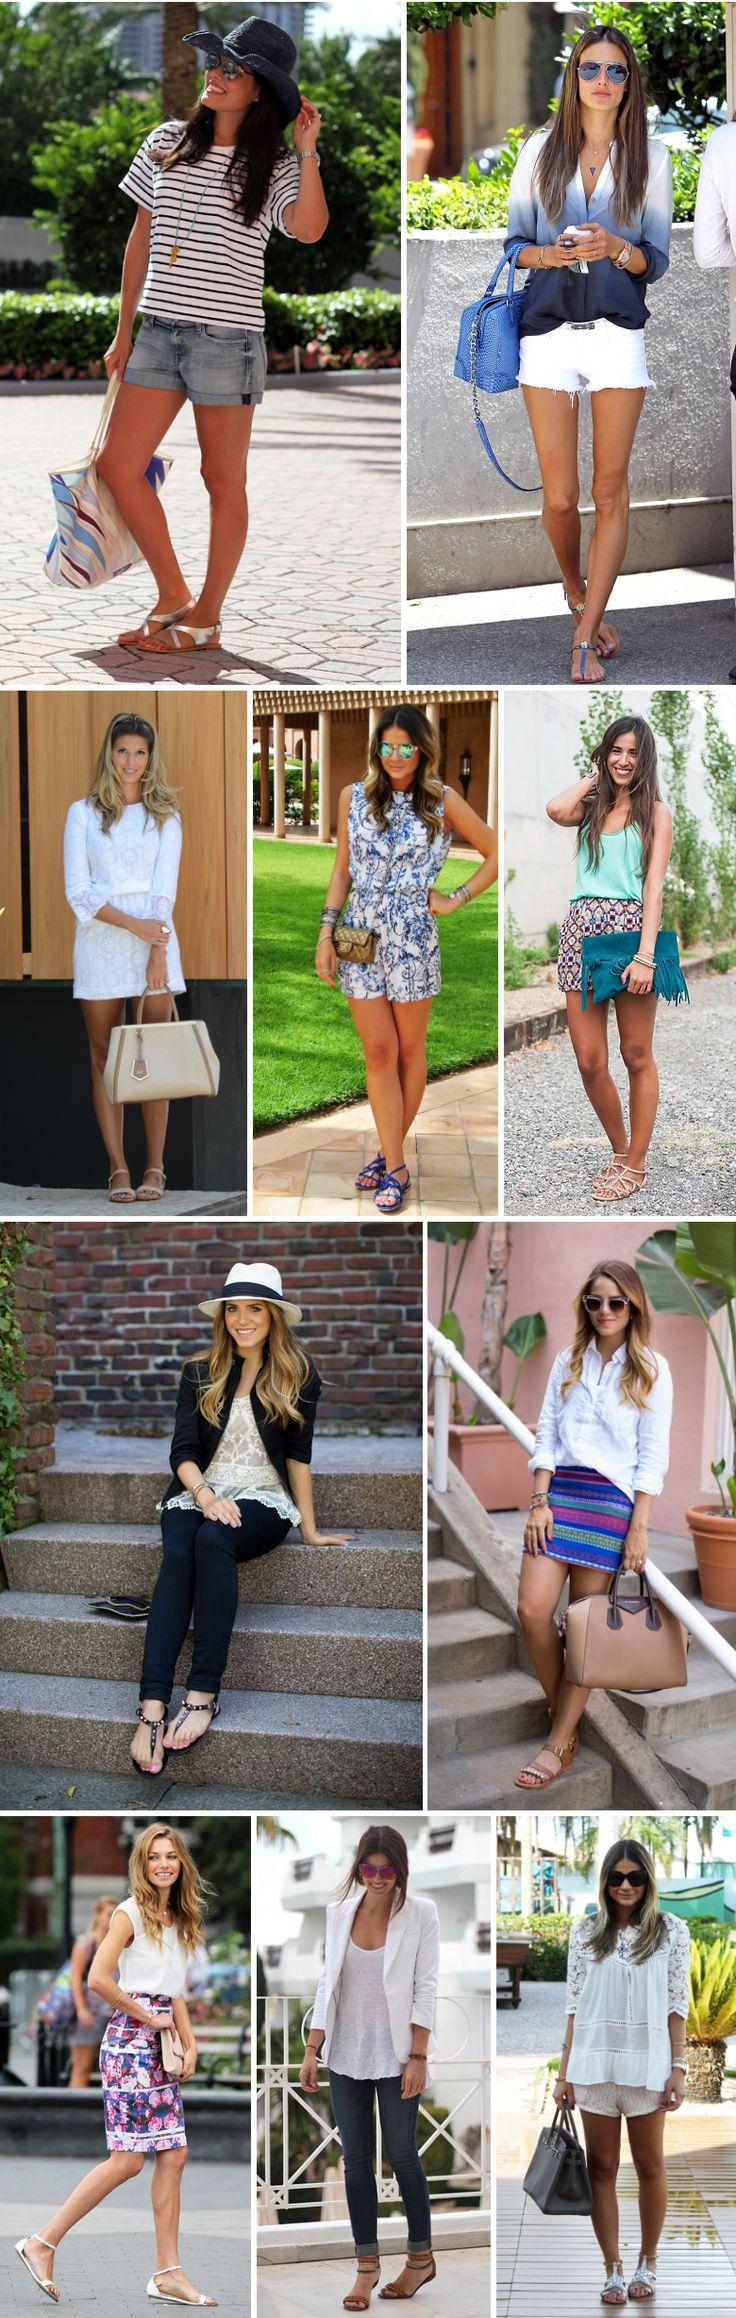 Estilo Meu - Consultoria de Imagem rasteirinhas / flats / dicas de moda e estilo / styling tips / fashion blog / post design / fashion post / casual outfits / stylish women / summer outfits / looks